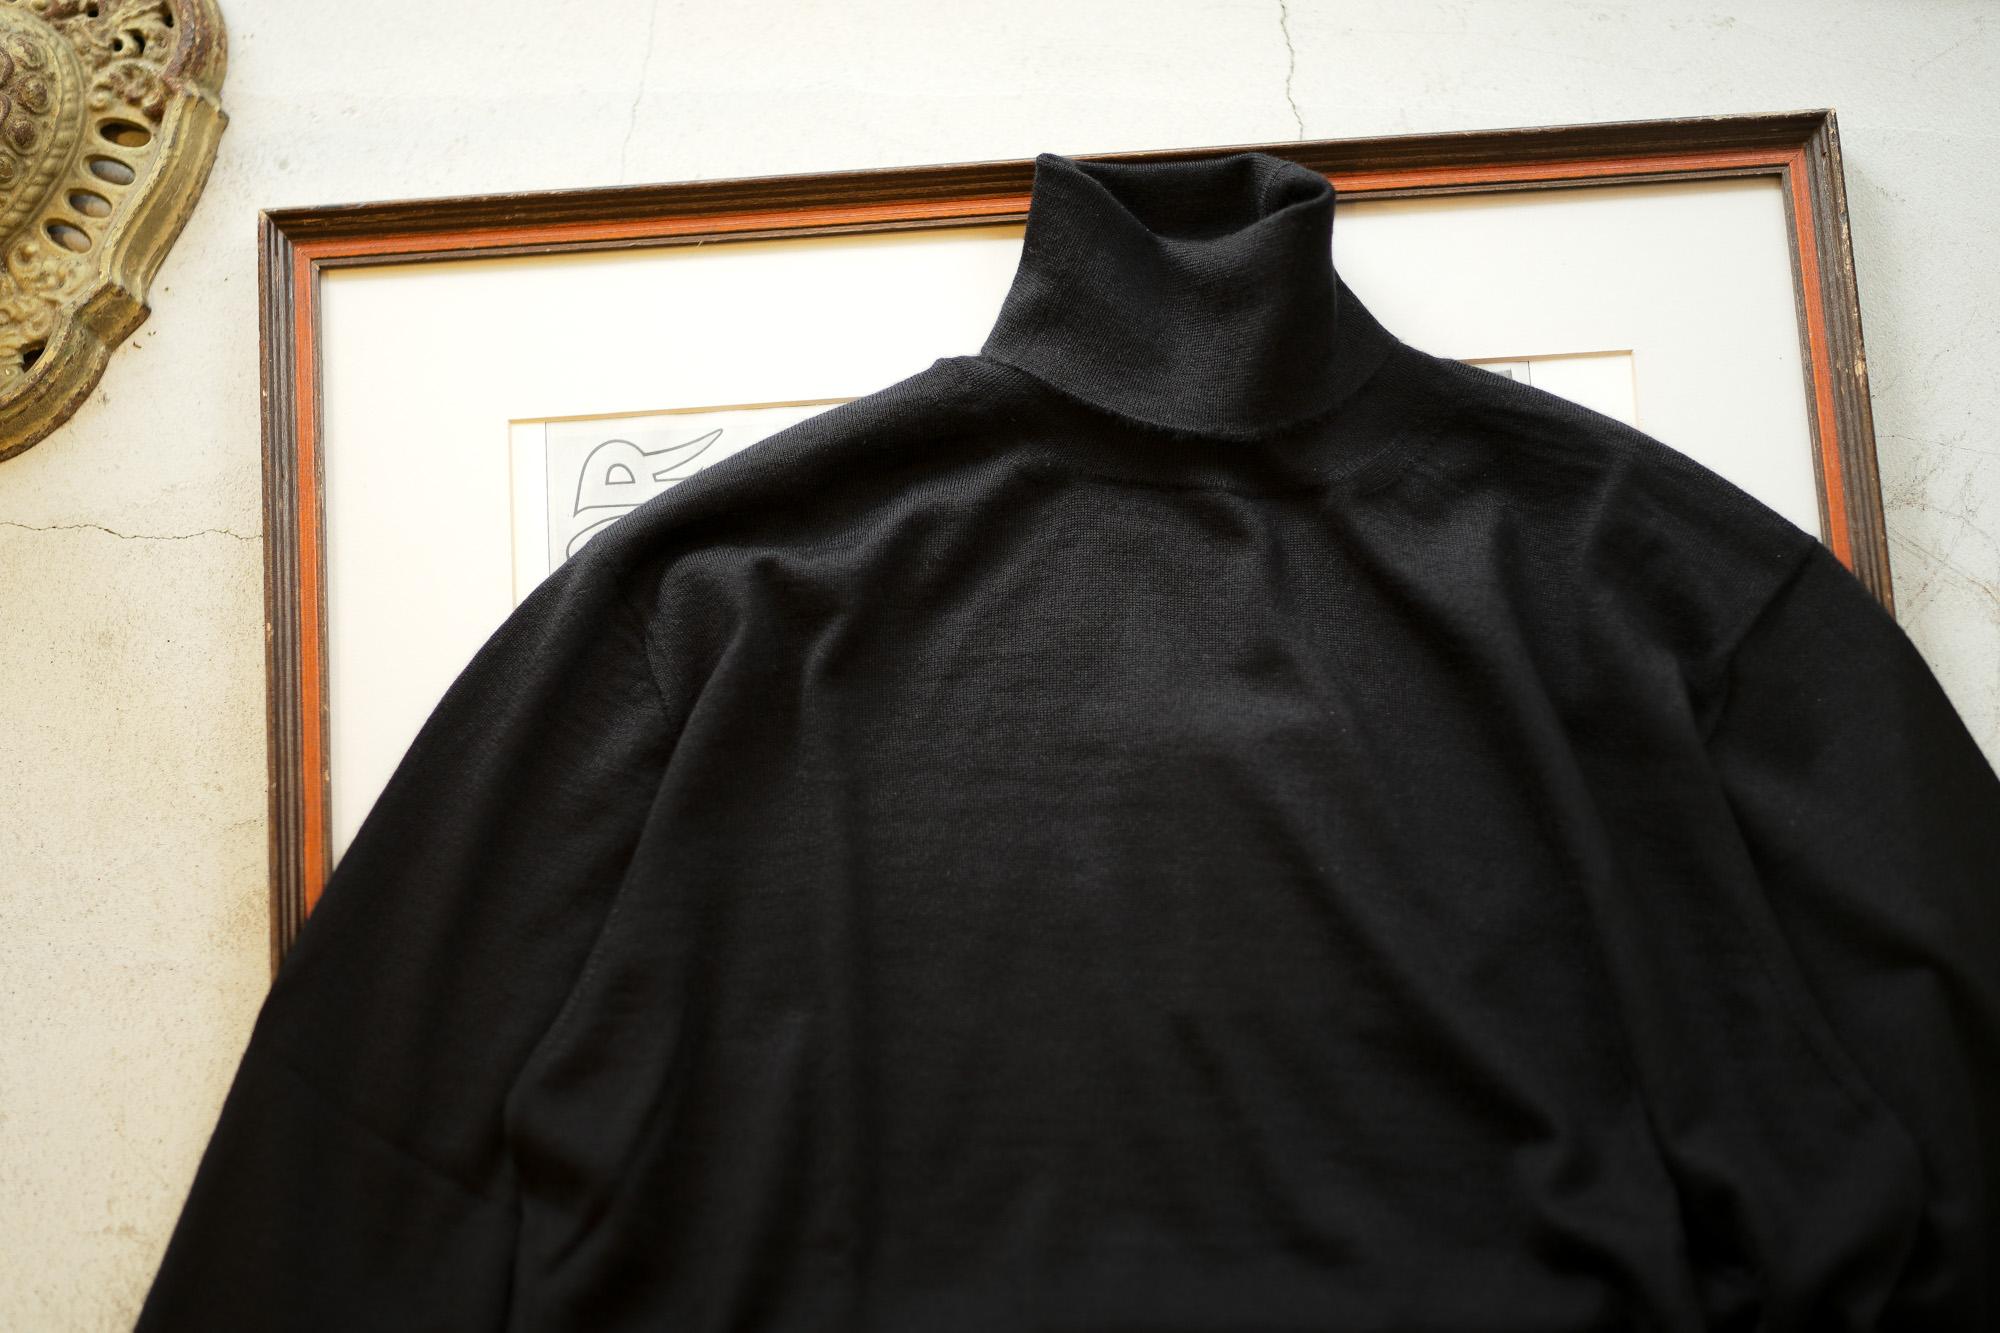 Cruciani(クルチアーニ) Silk Cashmere Turtle Neck Sweater (シルクカシミヤ タートルネック セーター) ハイゲージ シルクカシミヤニット セーター BLACK (ブラック・30060) made in italy (イタリア製) 2019 秋冬新作 愛知 名古屋 altoediritto アルトエデリット